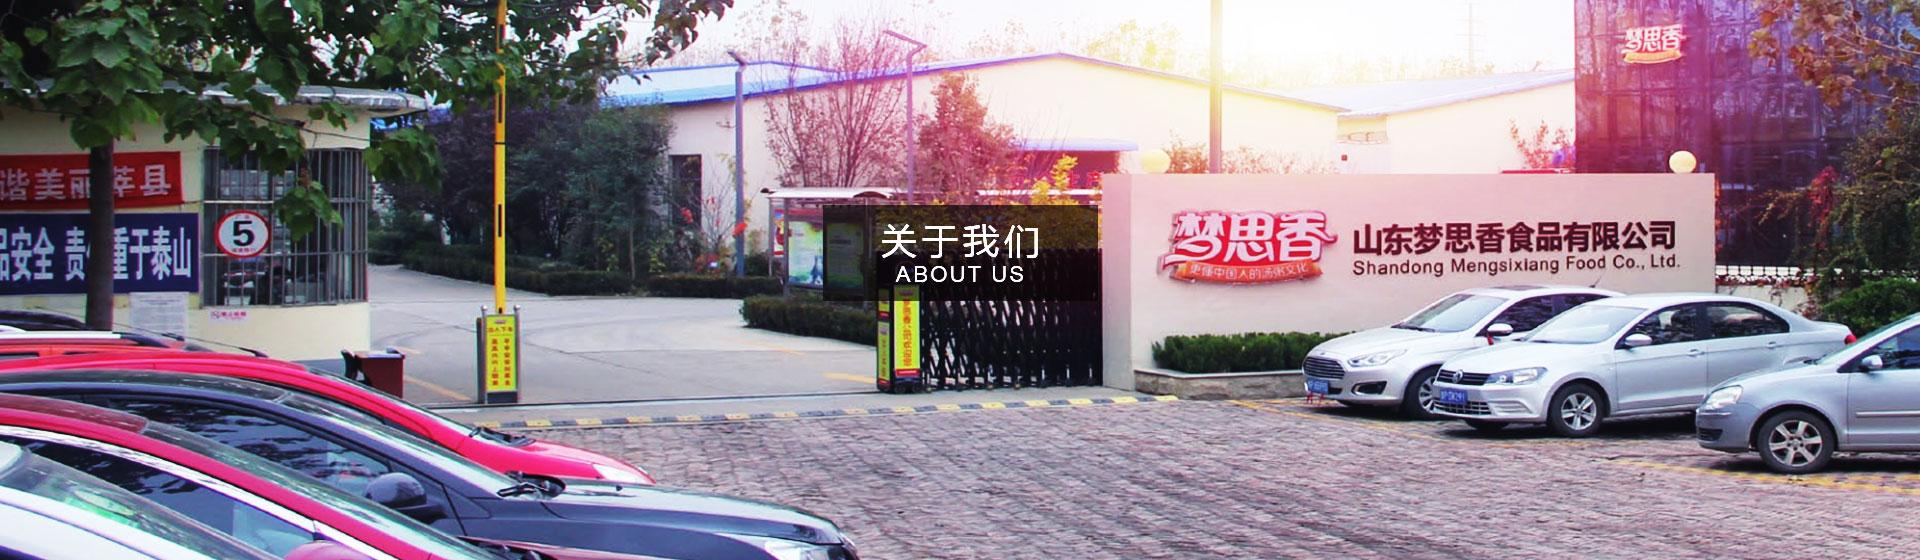 山東夢思香食品有限公司